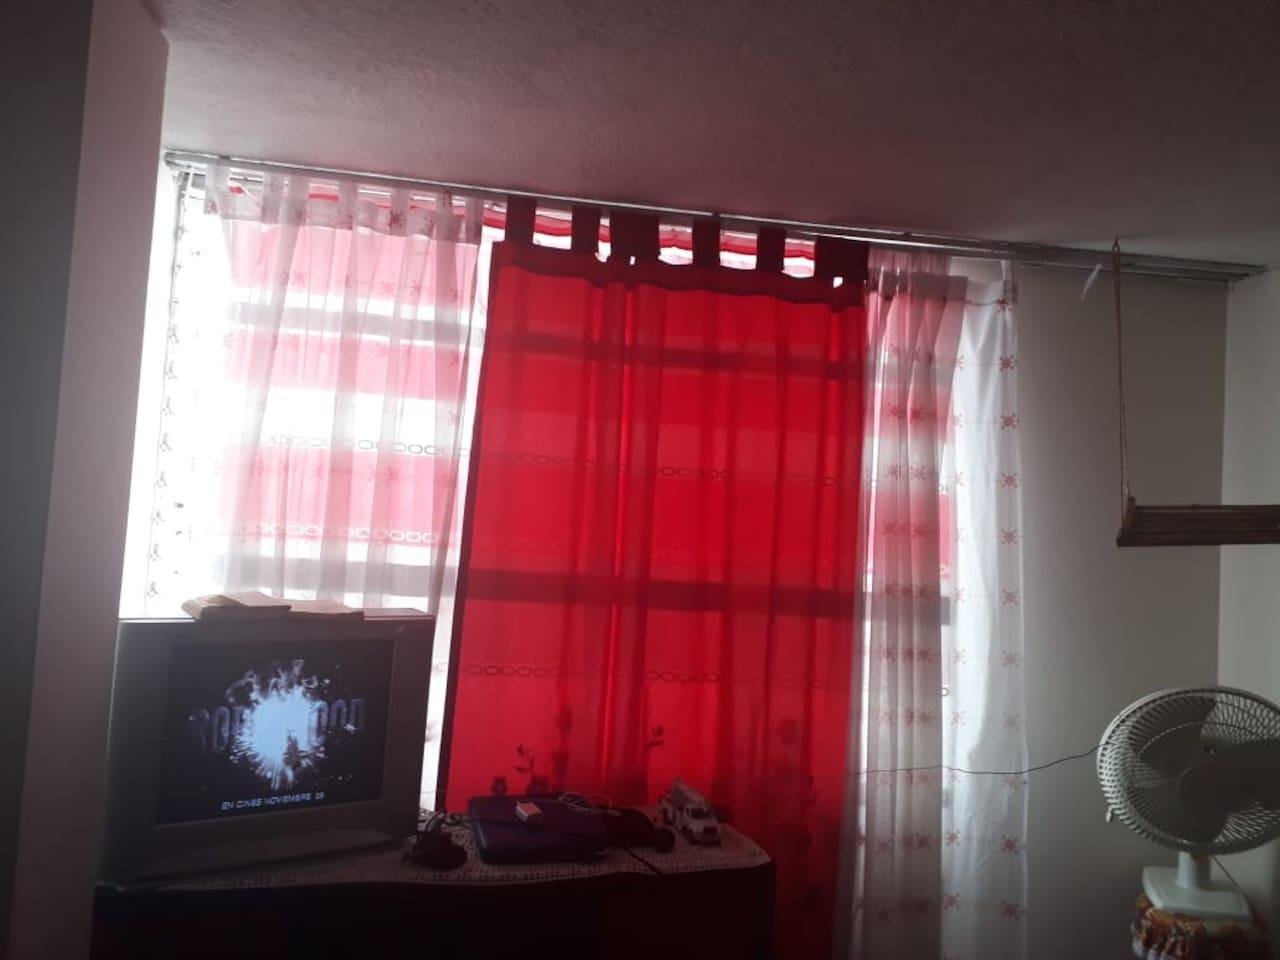 Habitación con cama doble, mueble multiusos y televisor.